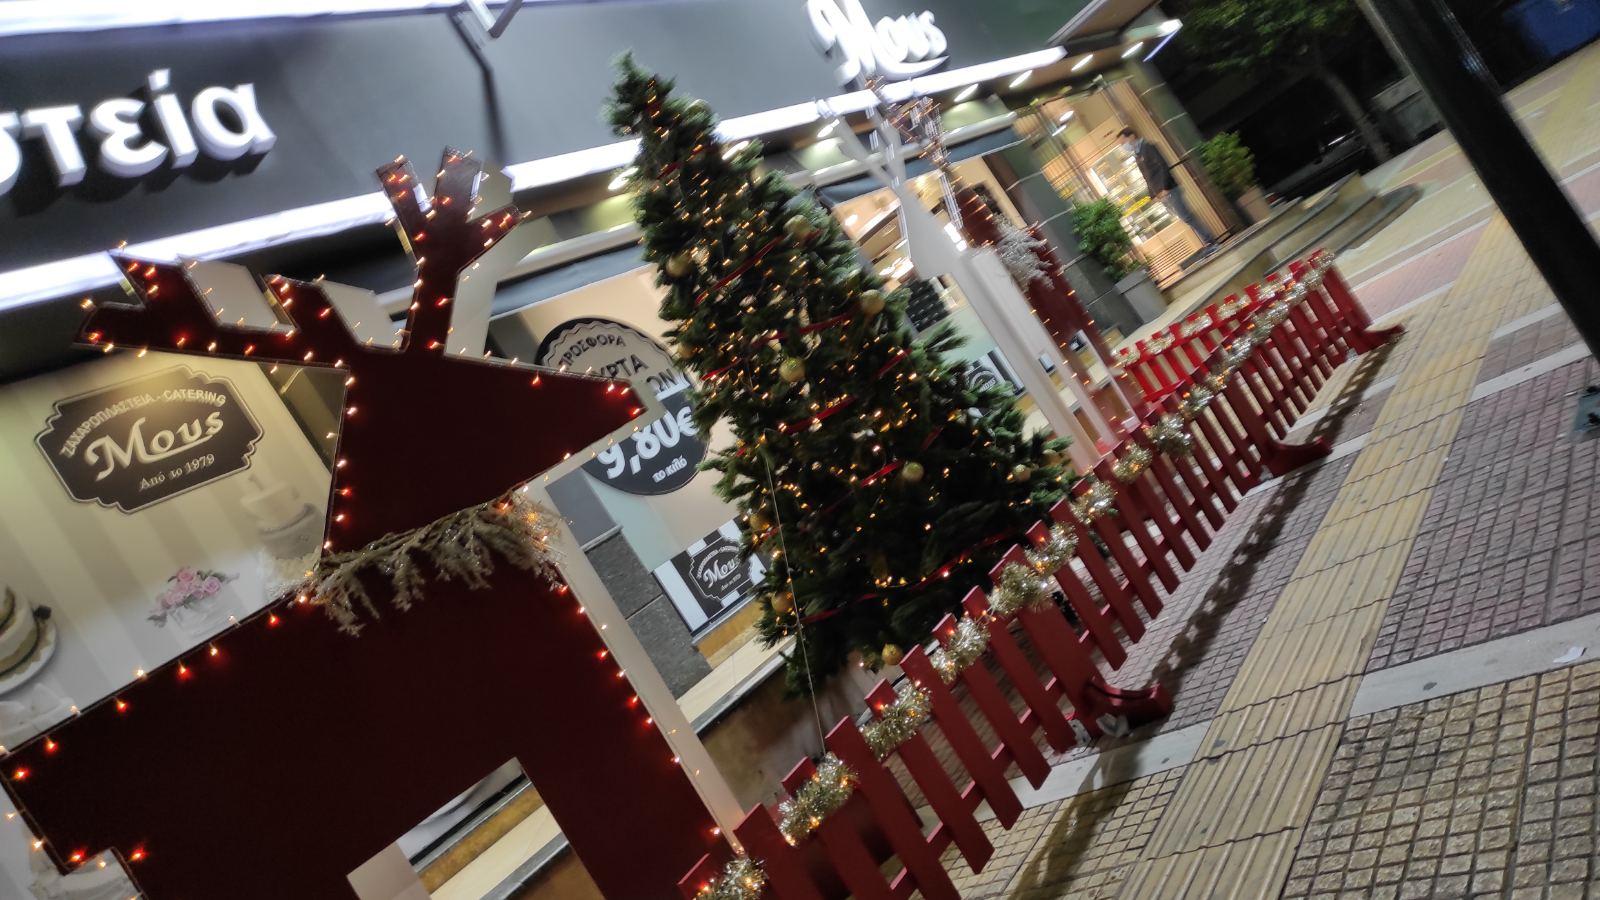 Χριστουγεννιάτικος στολισμός 2020 ζαχαροπλαστείων MOUS